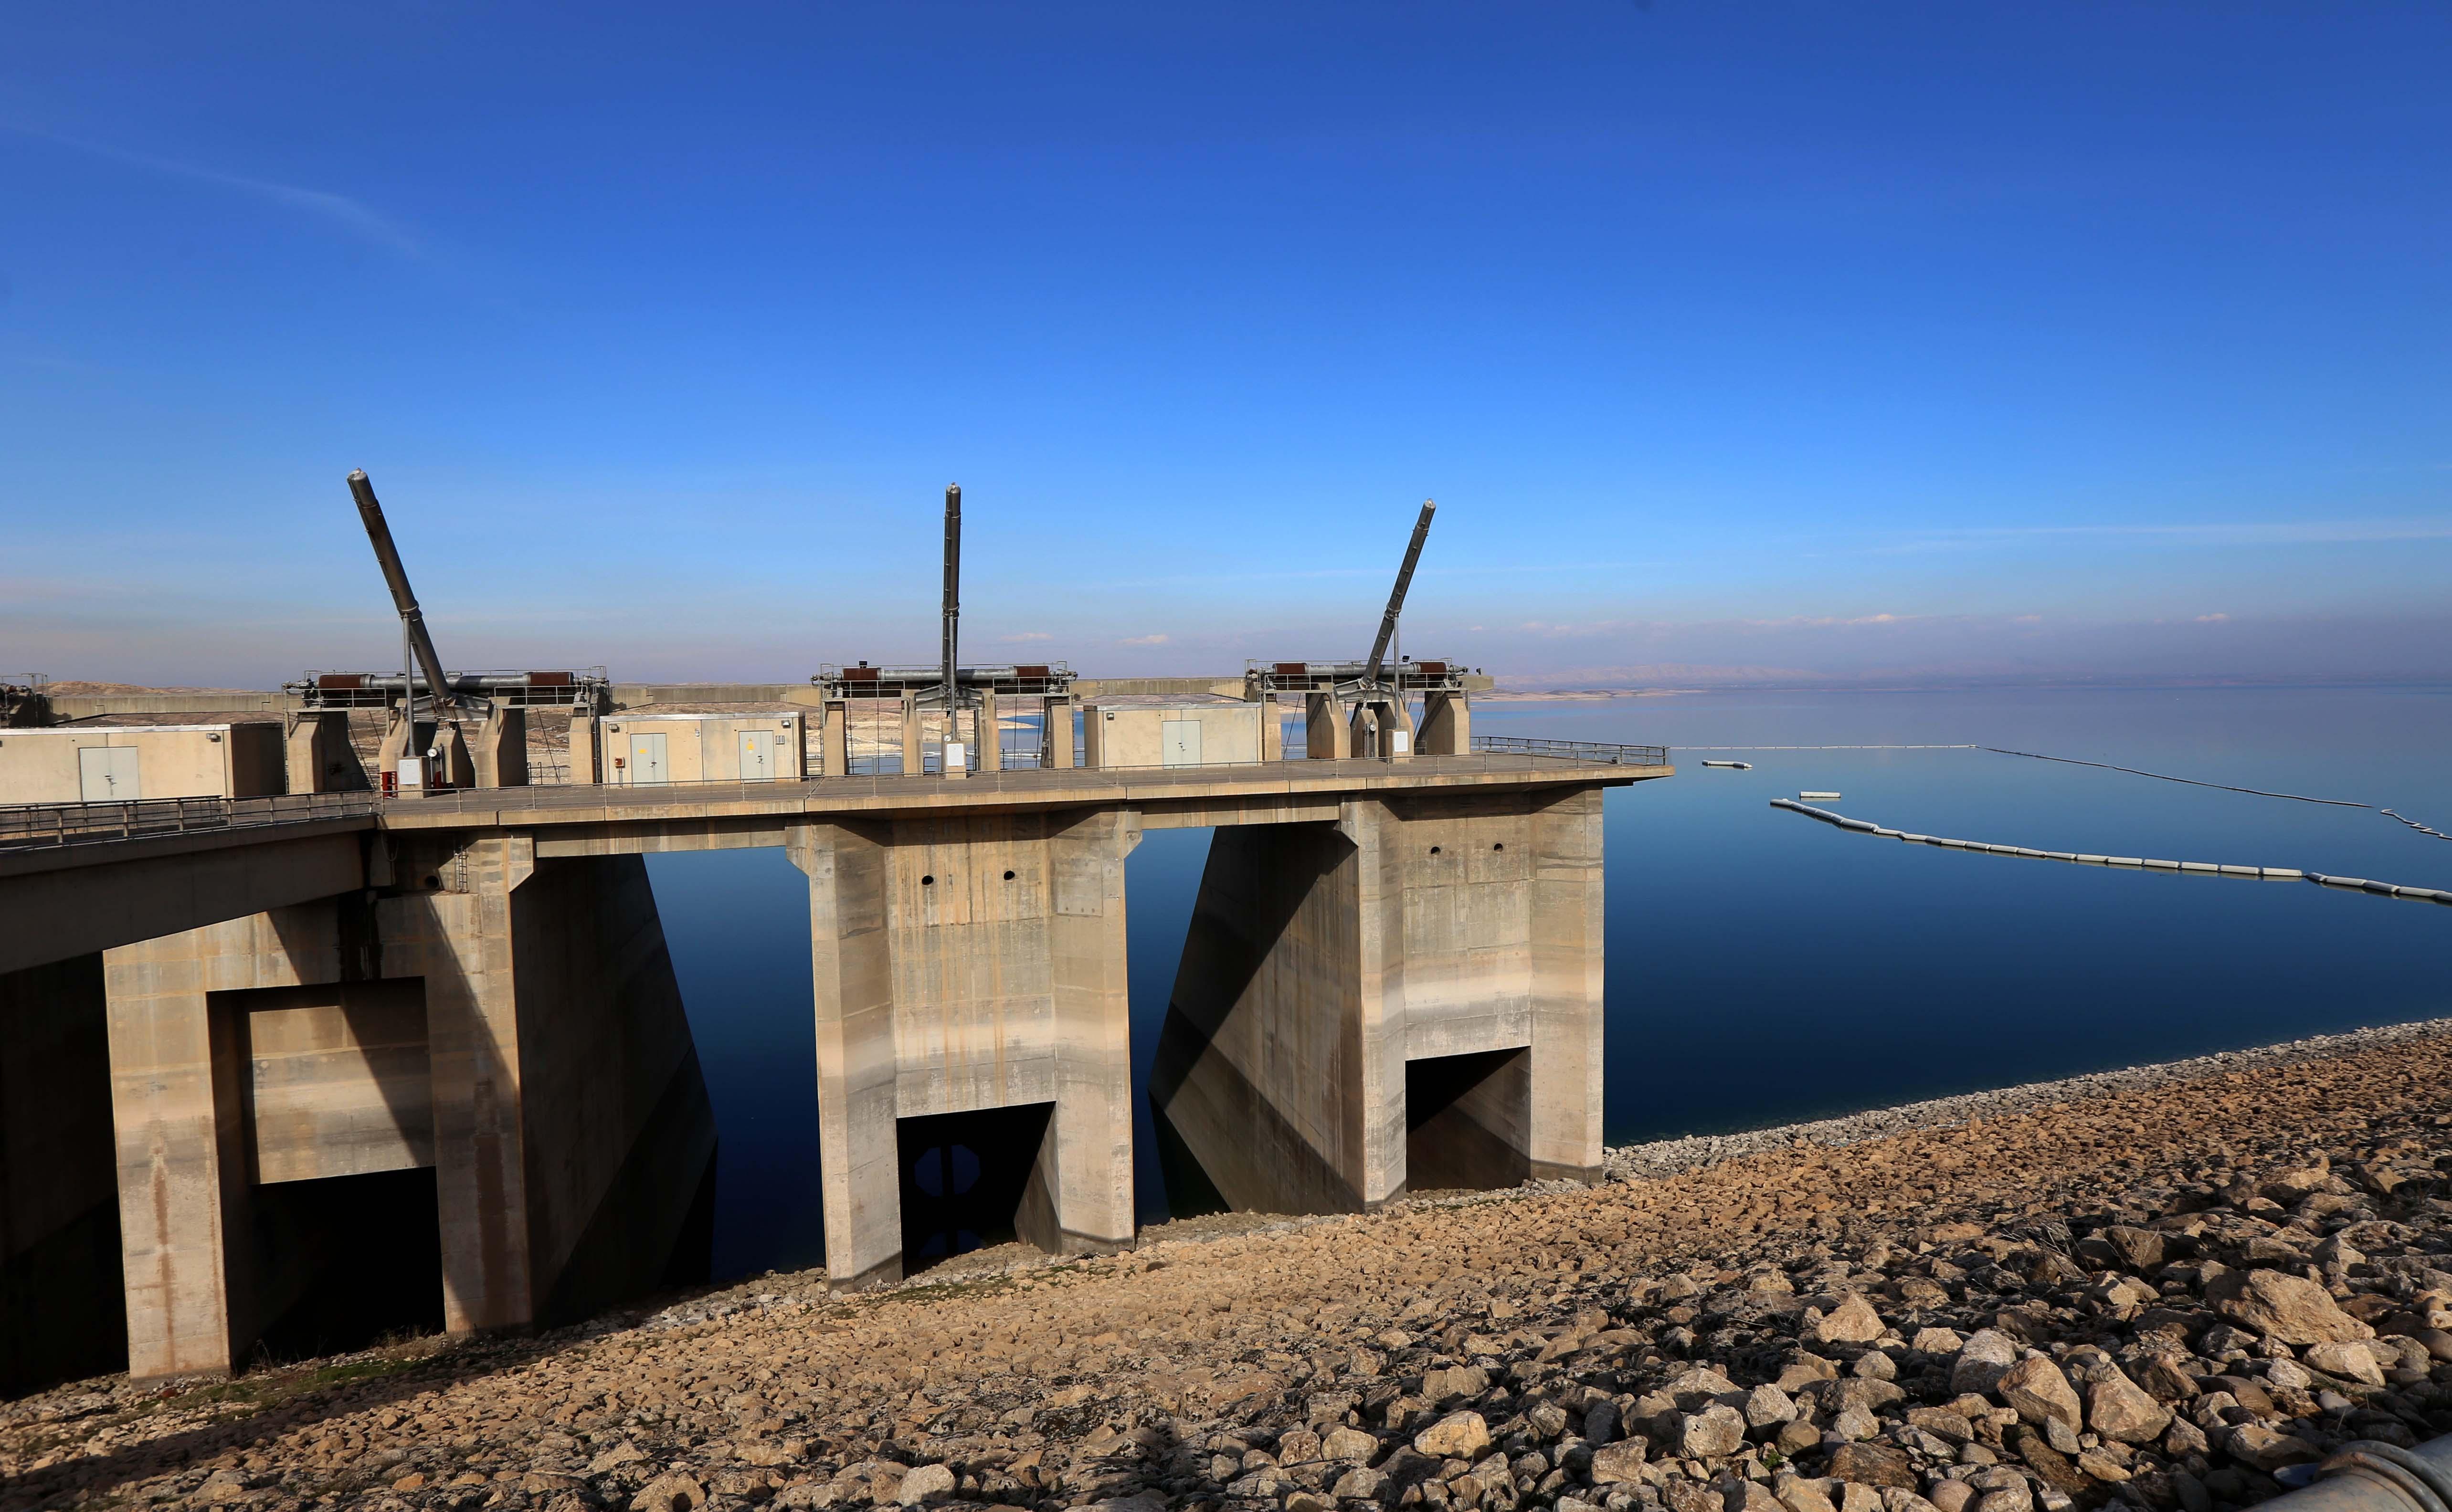 Mosul Dam on the Tigris River, around 50 km north of the Iraqi city of Mosul, Feb. 1, 2016